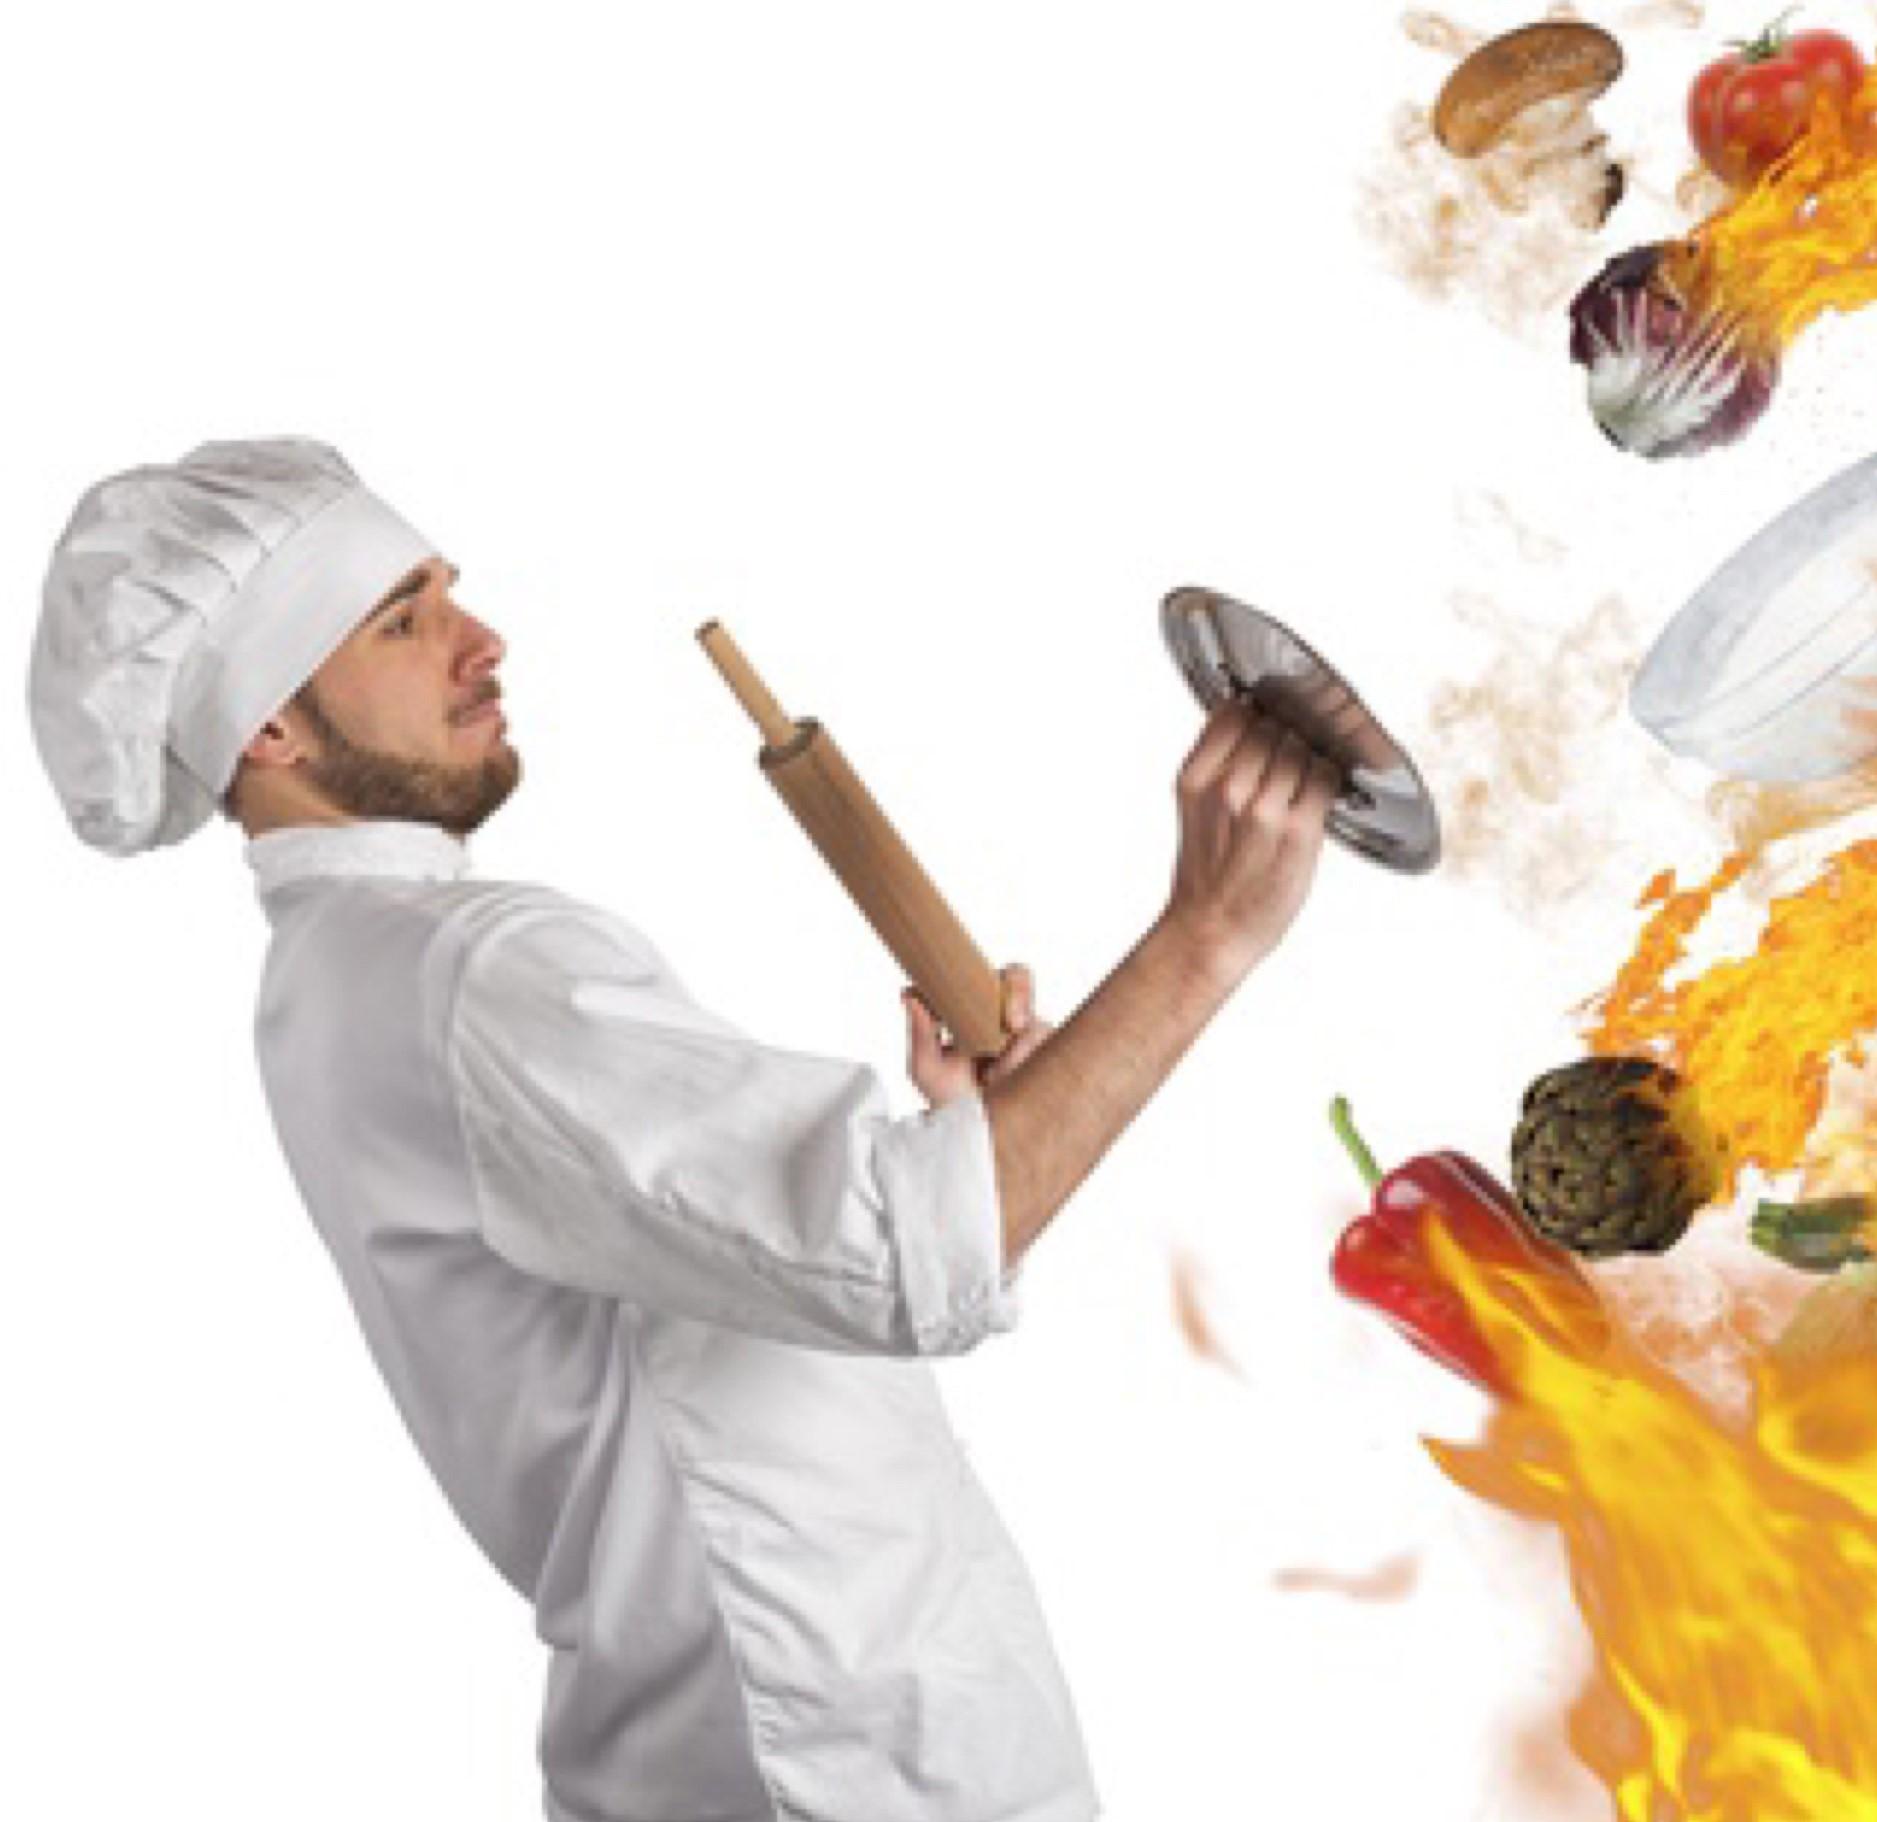 Так точно: что такое правильная технология приготовления пищи и как ее соблюсти?